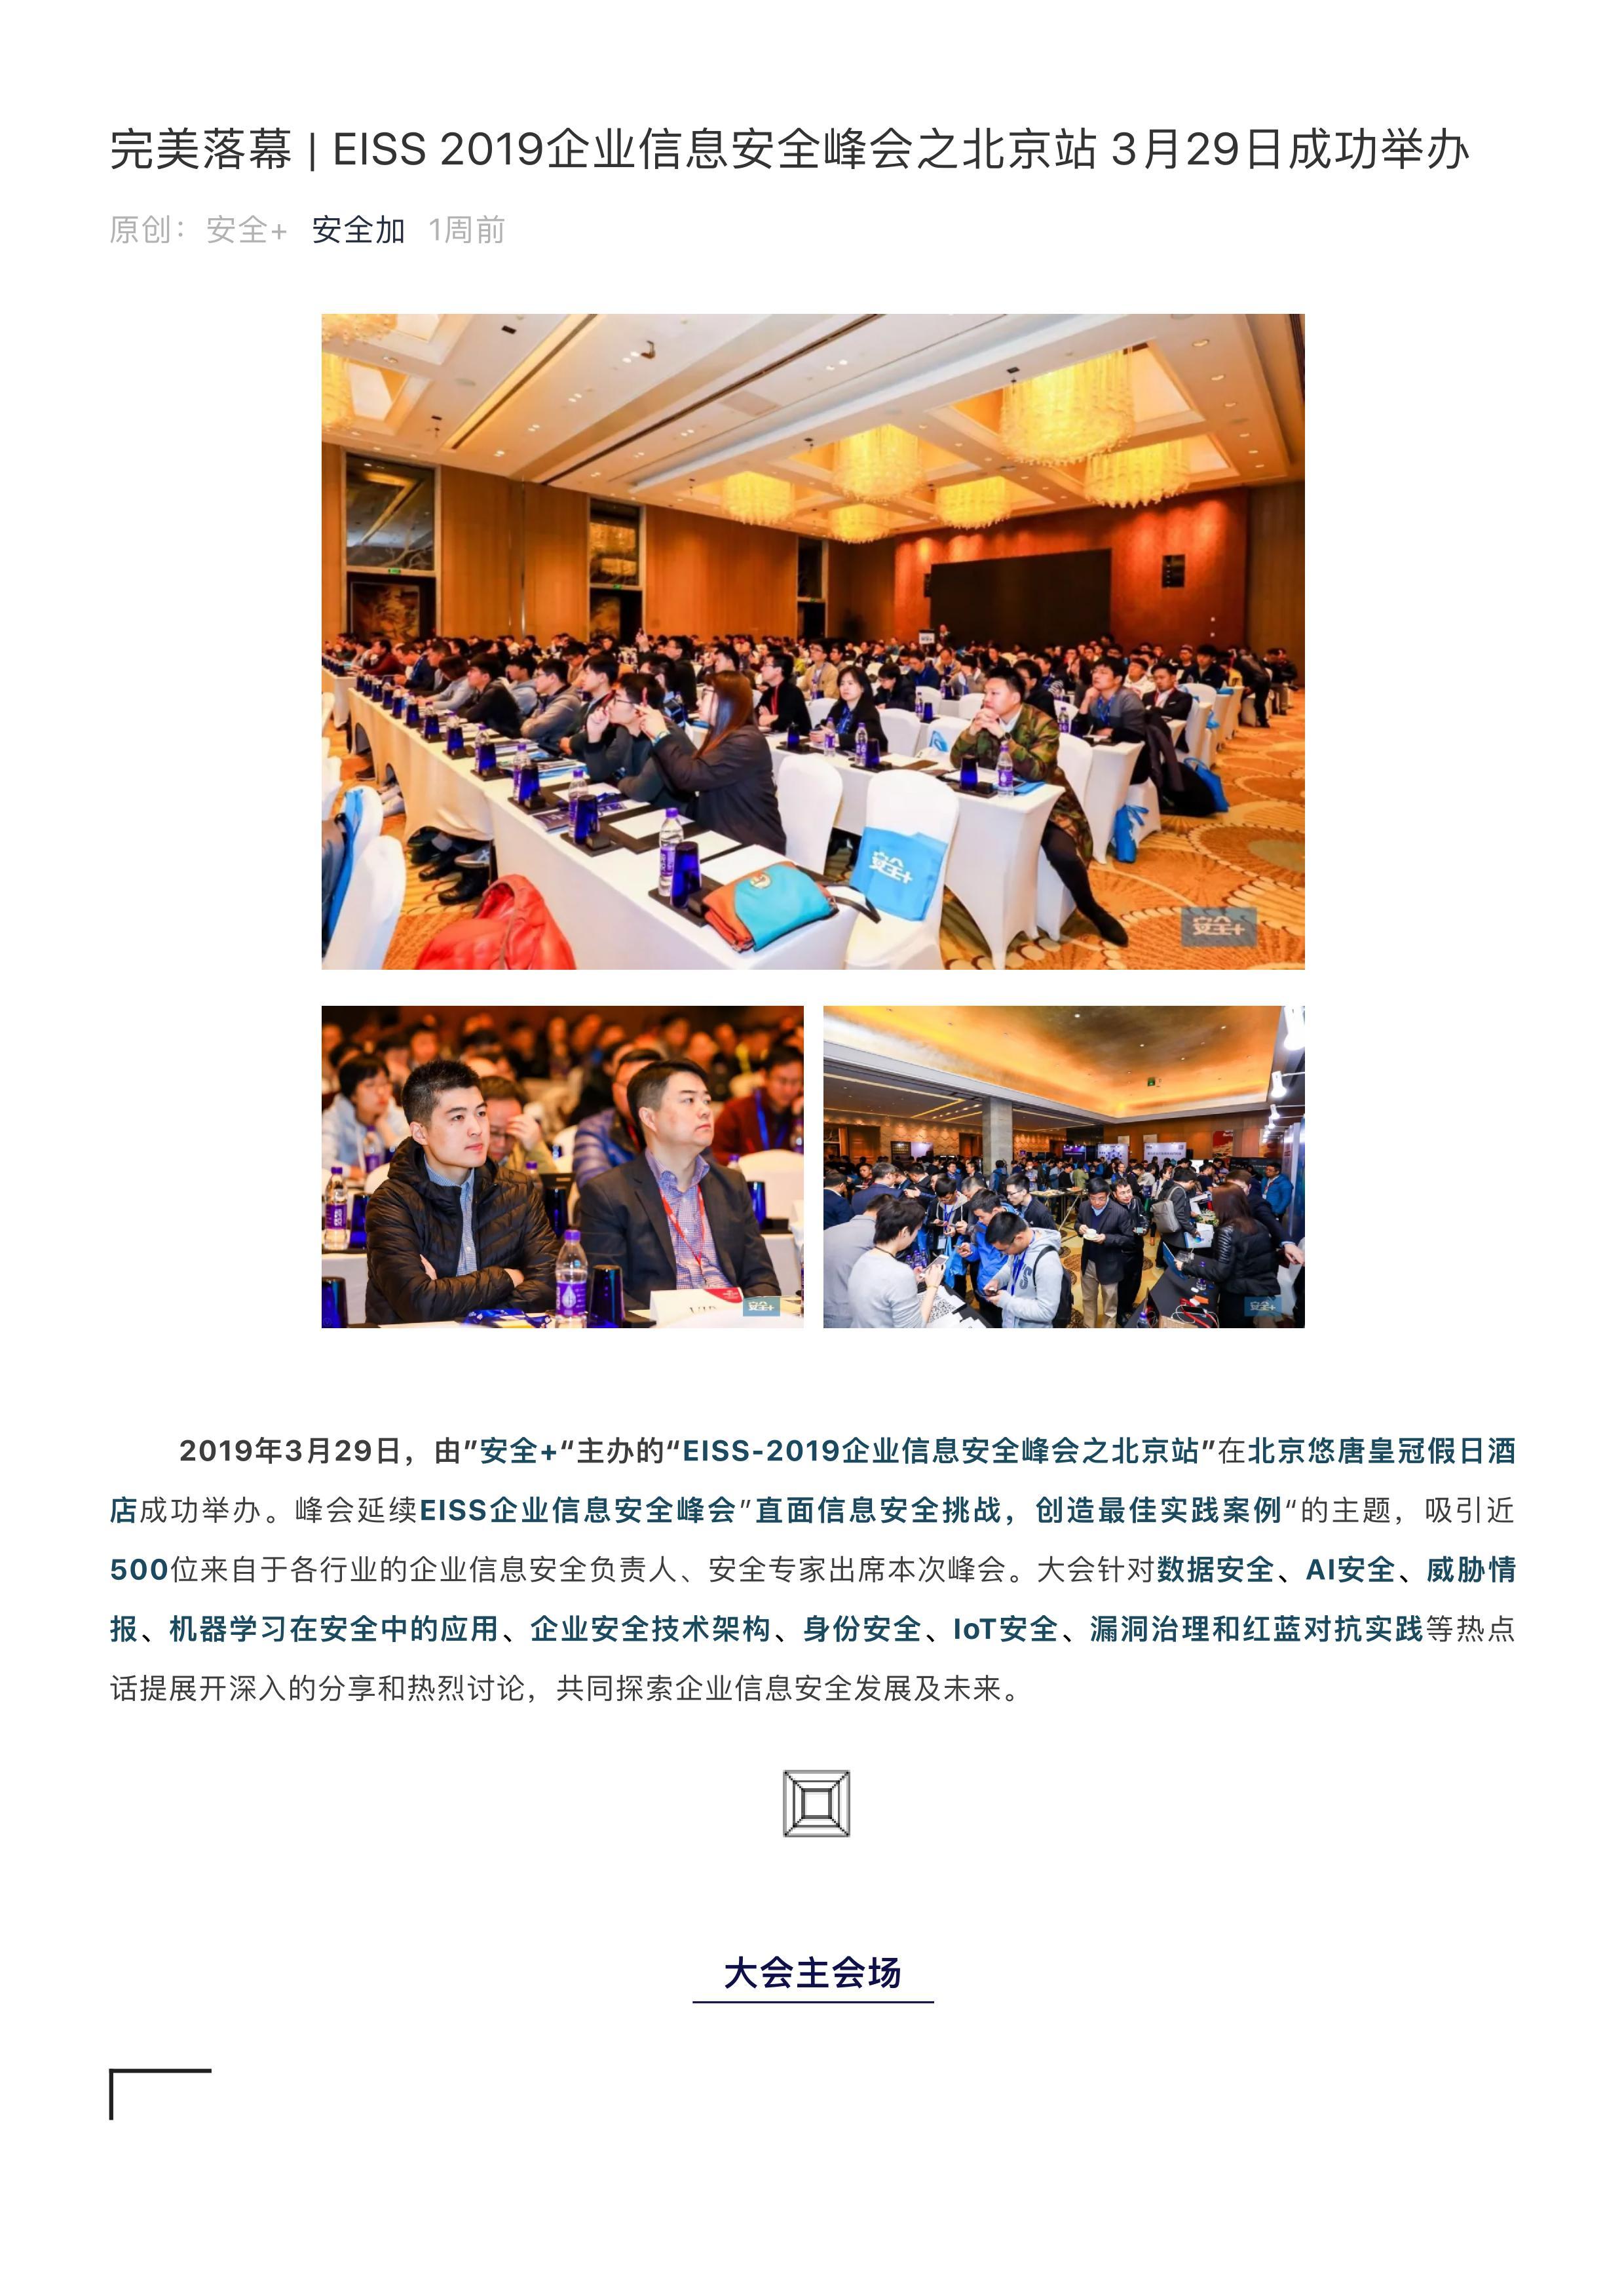 完美落幕 | EISS 2019企业信息安全峰会之北京站 3月29日成功举办